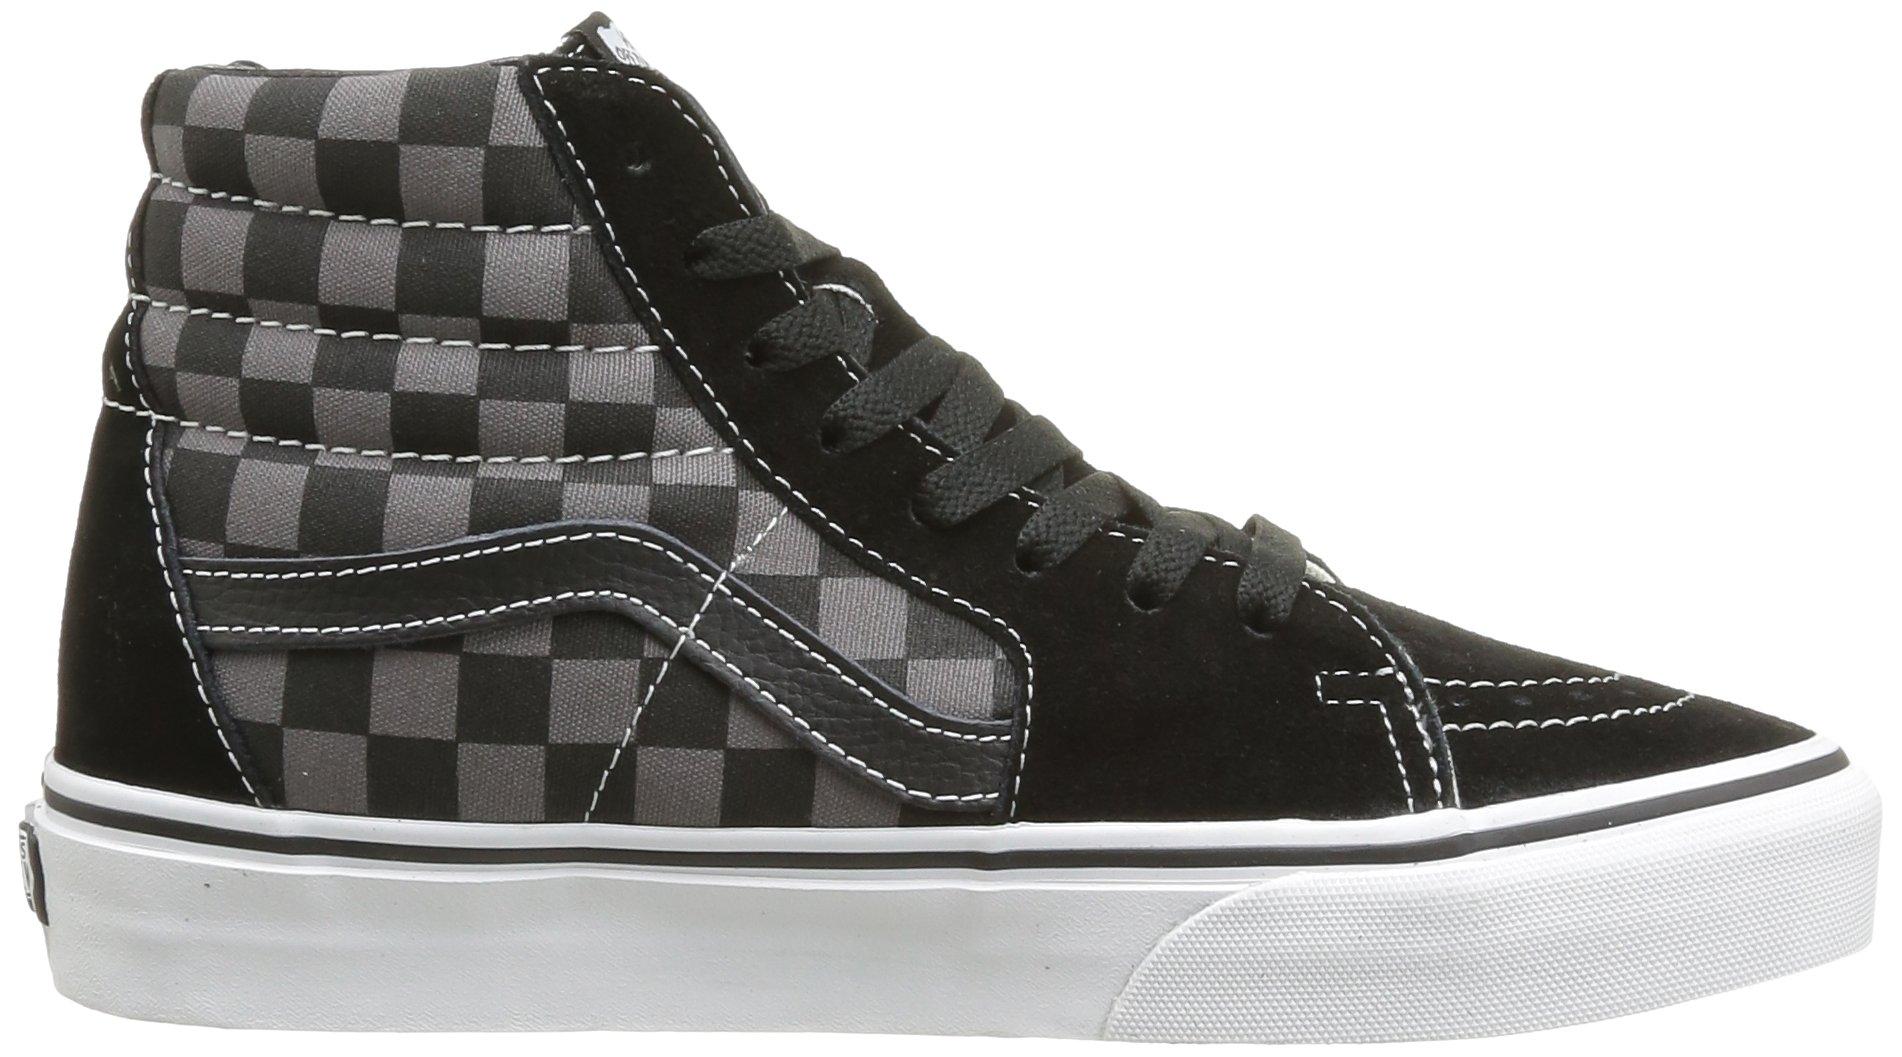 3cd73186a48b63 Vans - Vans Men s Sk8-Hi Black   Pewter Checkerboard Ankle-High Canvas  Skateboarding Shoe - 11M - Walmart.com